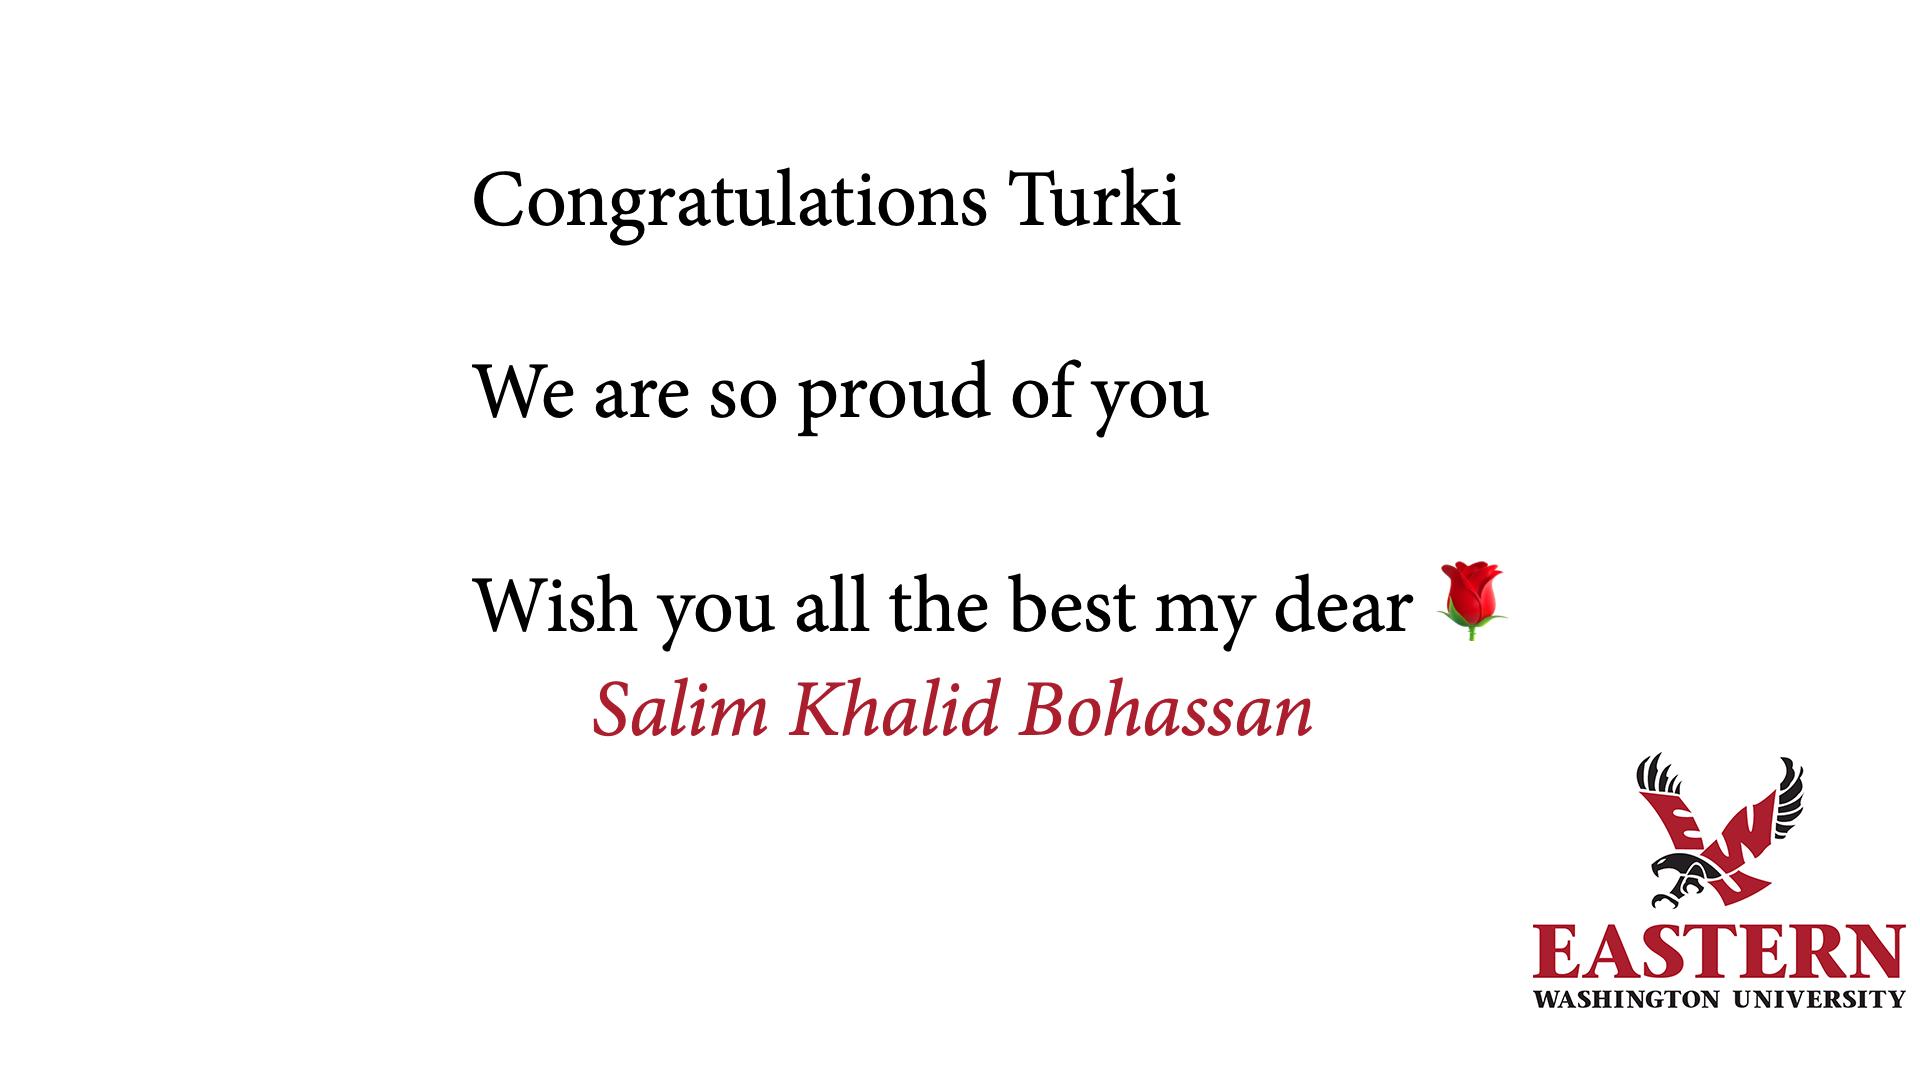 tbi_turki-sami-bohassan_1402.png